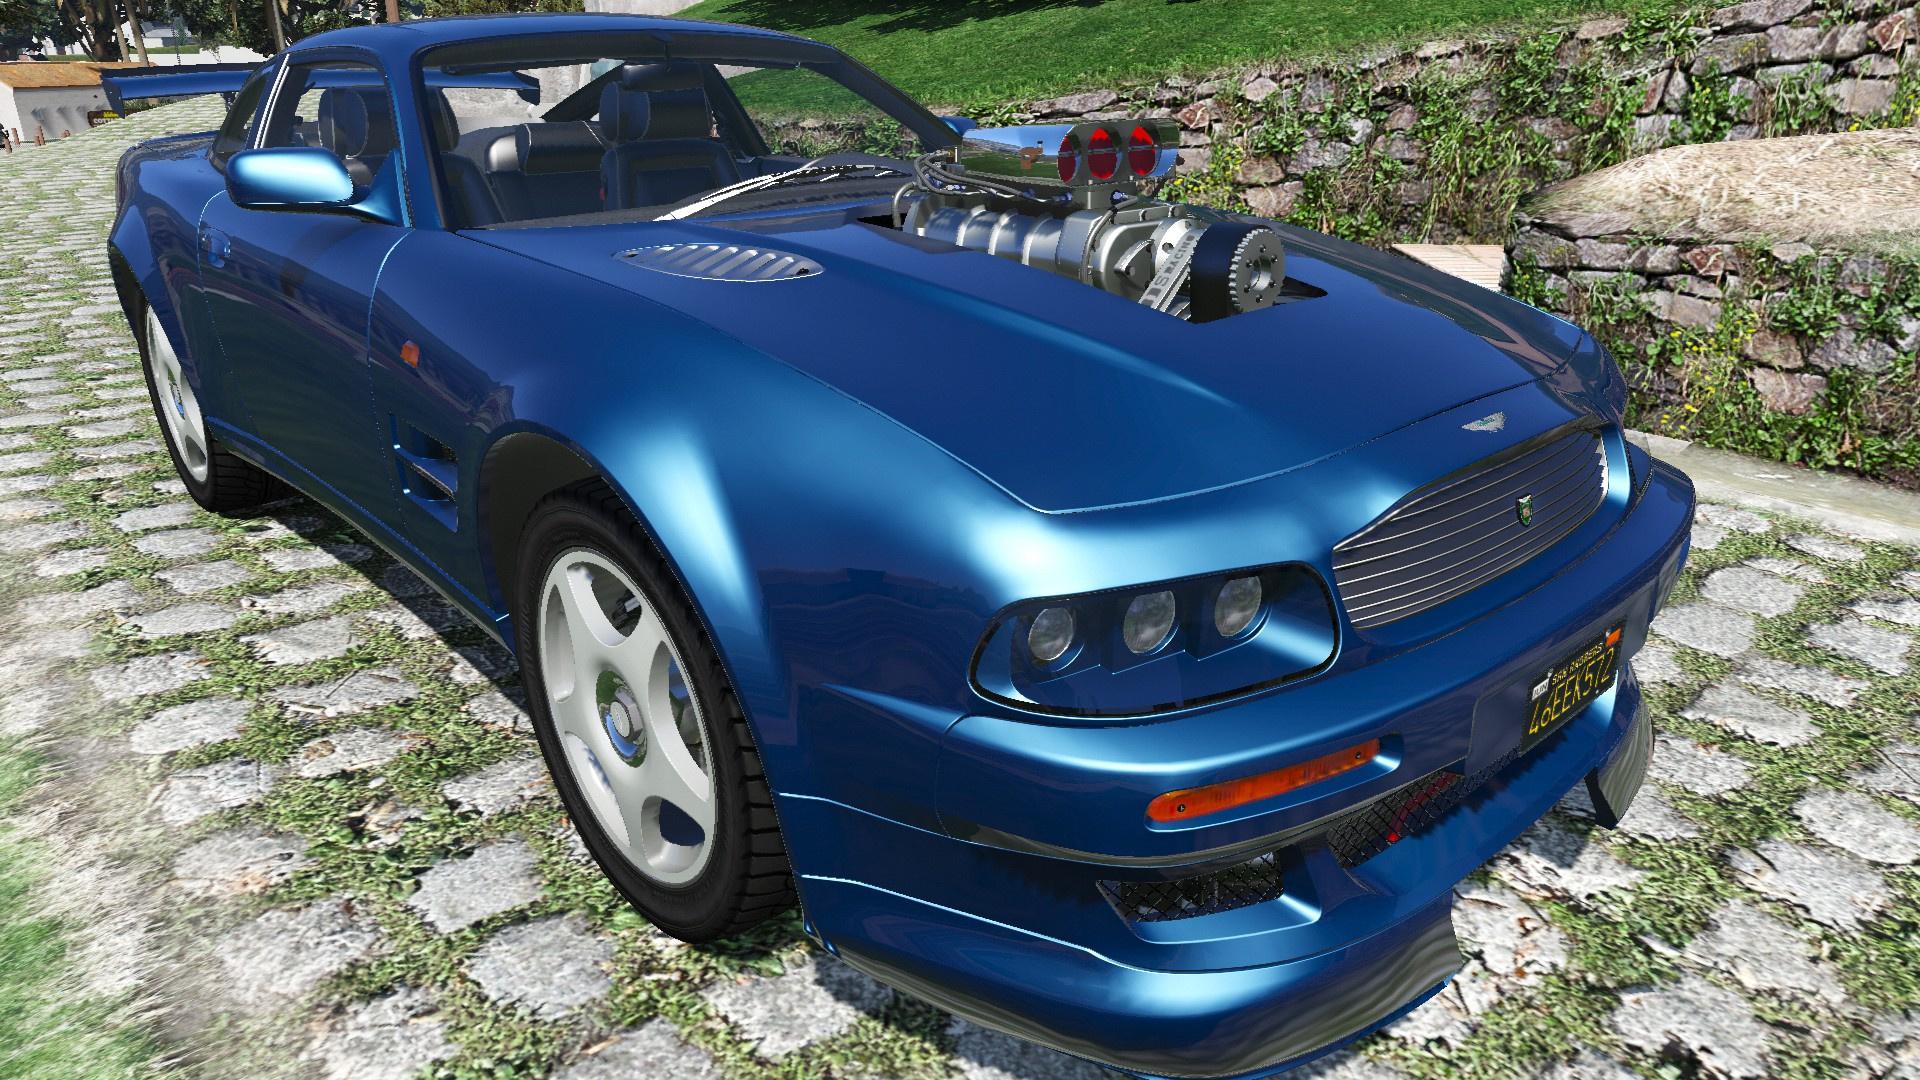 1998 Aston Martin V8 Vantage V600 Gta5 Mods Com